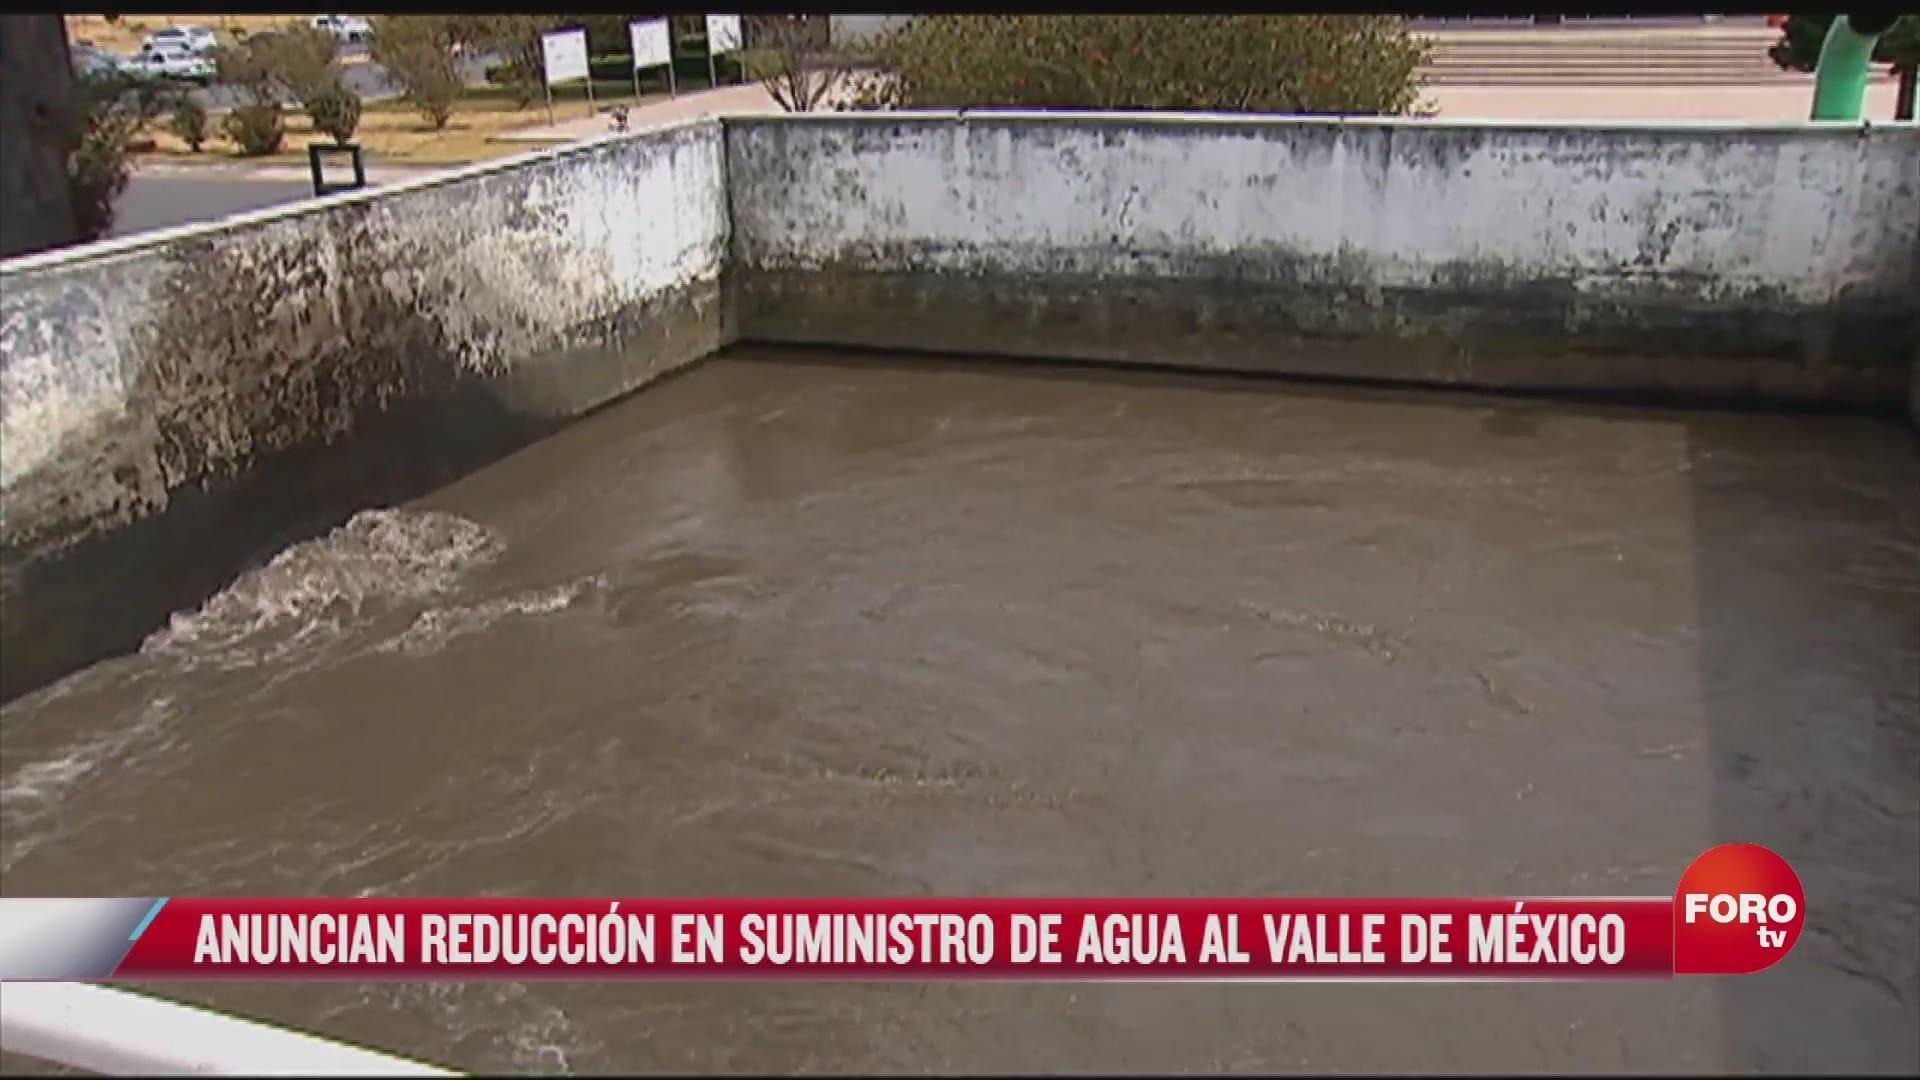 se realizaran cortes de agua en el valle de mexico